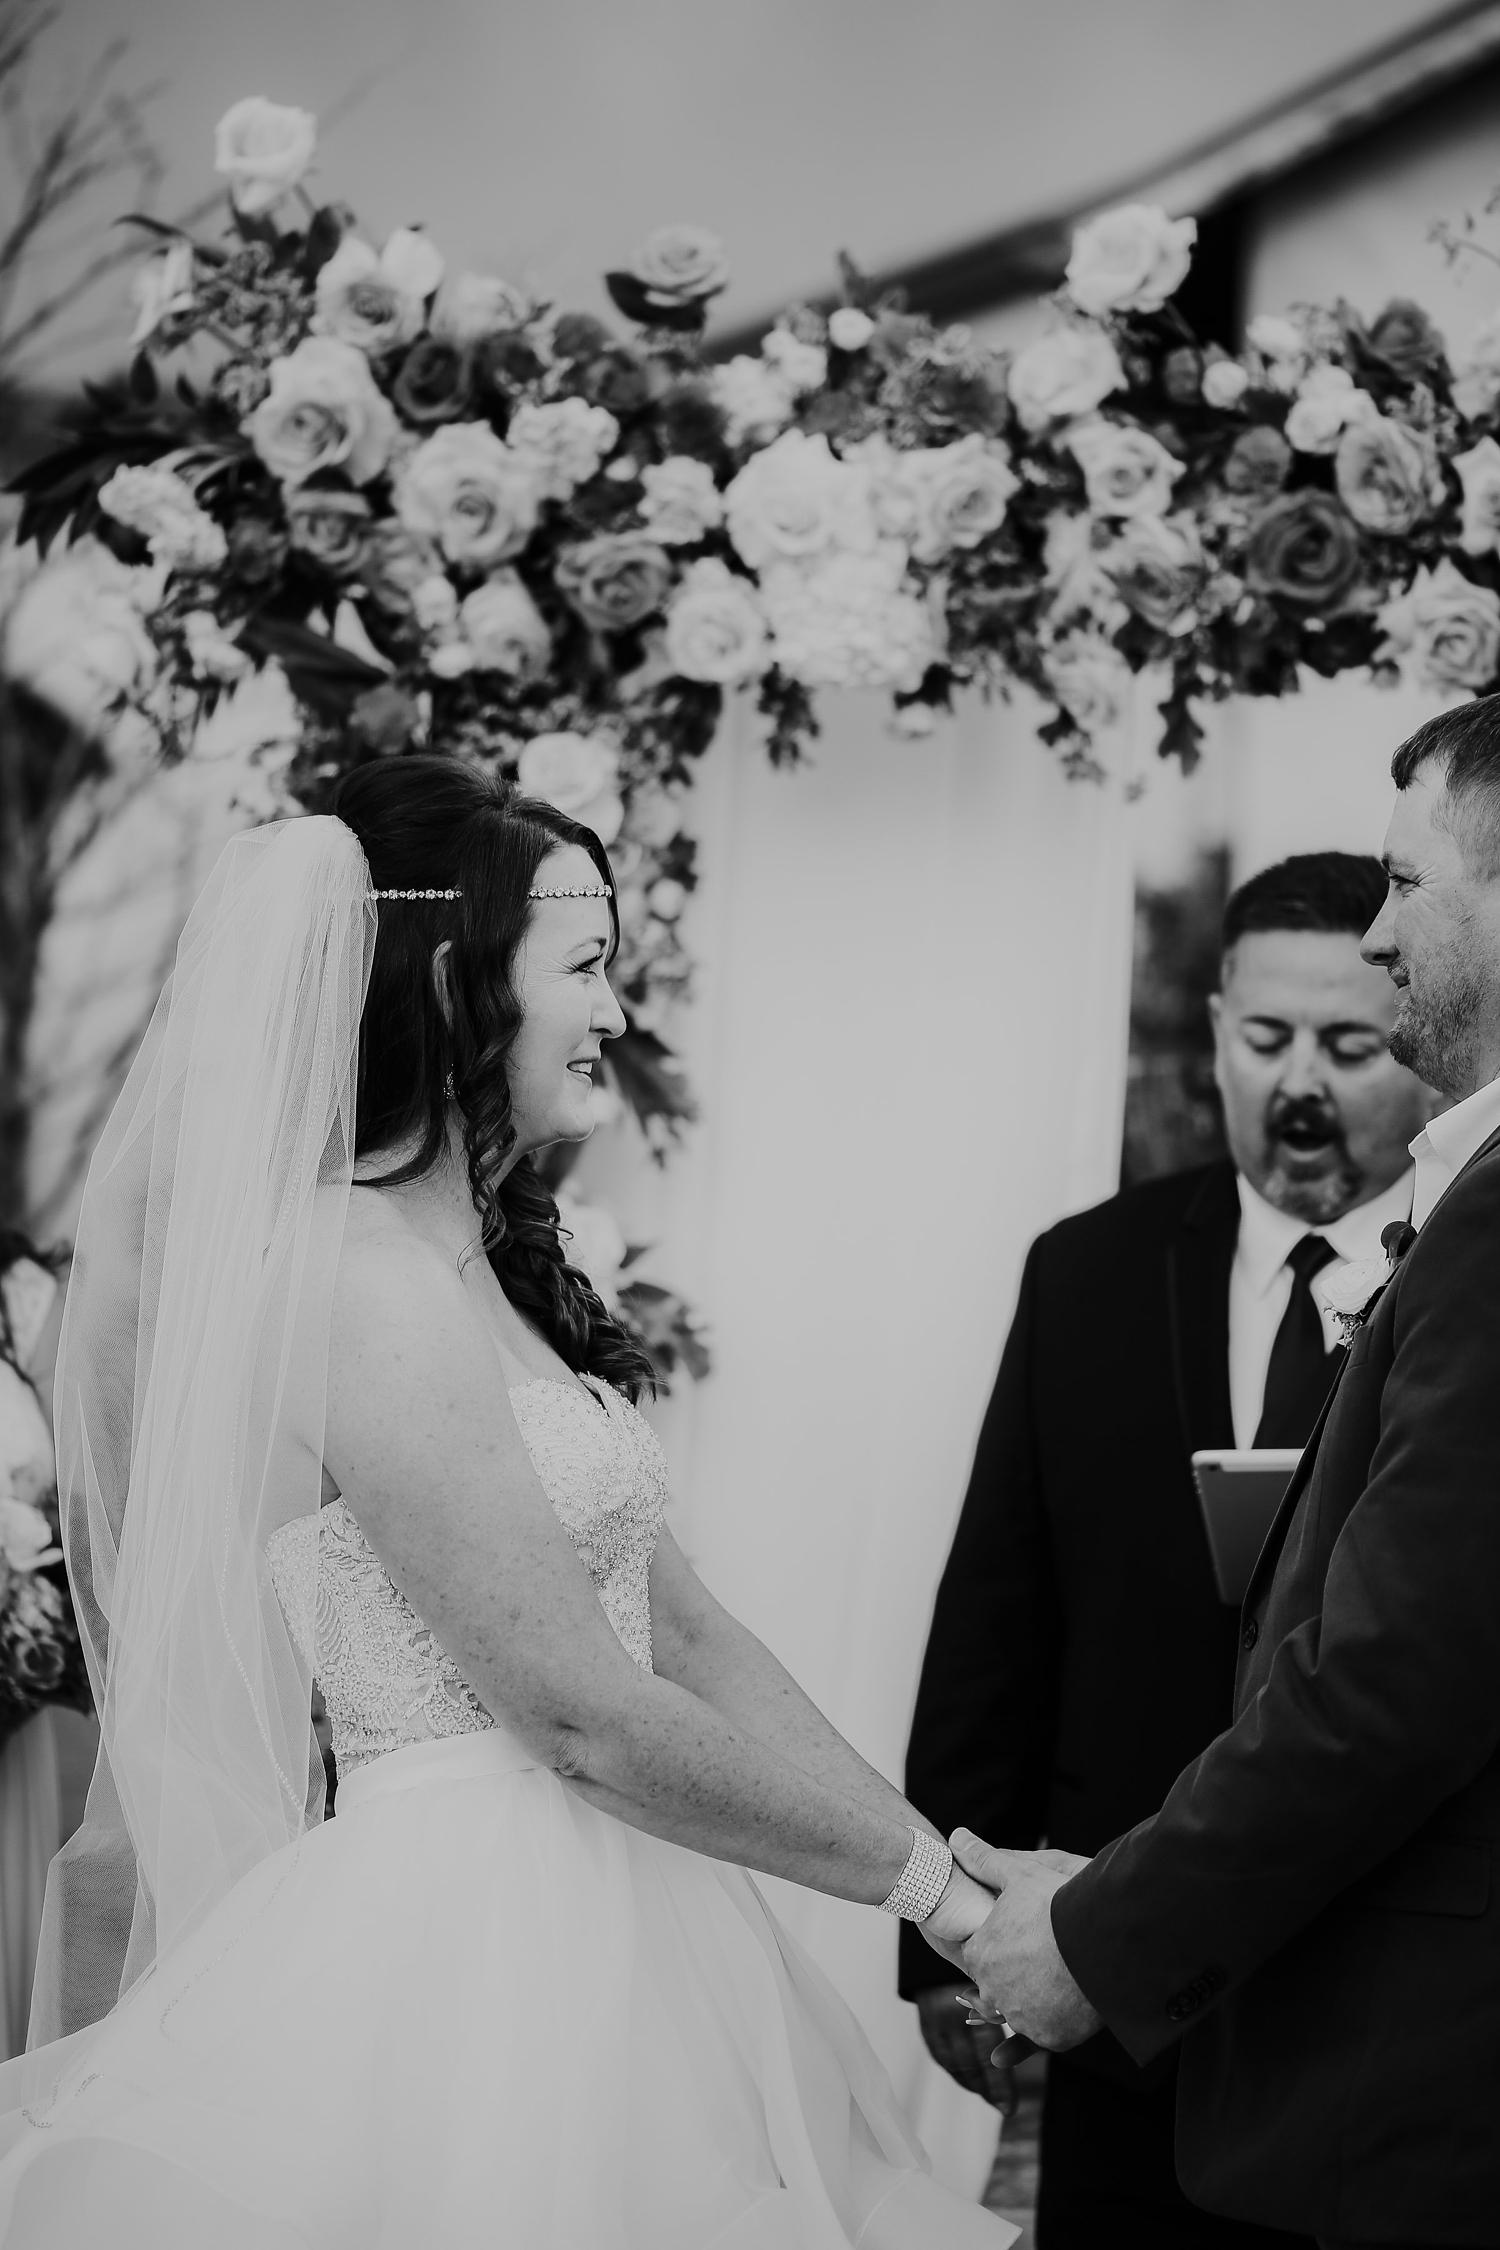 Alicia+lucia+photography+-+albuquerque+wedding+photographer+-+santa+fe+wedding+photography+-+new+mexico+wedding+photographer+-+new+mexico+engagement+-+la+mesita+ranch+wedding+-+la+mesita+ranch+spring+wedding_0033.jpg